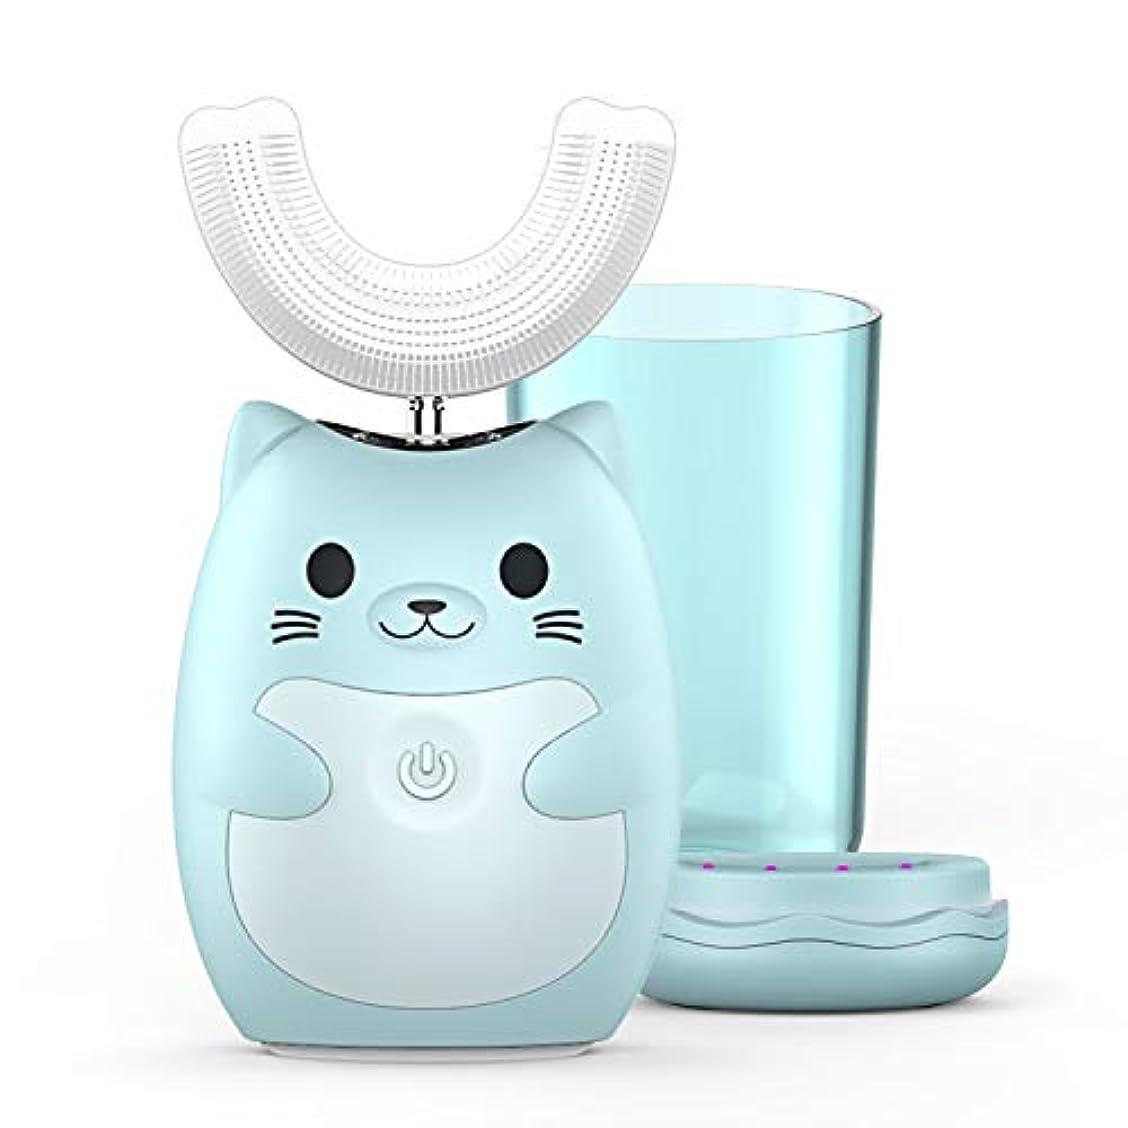 忌まわしいチキン状敏感な歯に適した音波振動と歯茎マッサージ機能を備えた子供用電動歯ブラシは U字型のオールラウンド口腔洗浄で 新生児ヒヒと子供向けに設計された口腔衛生を促進できます(7-12歳 ブルー)